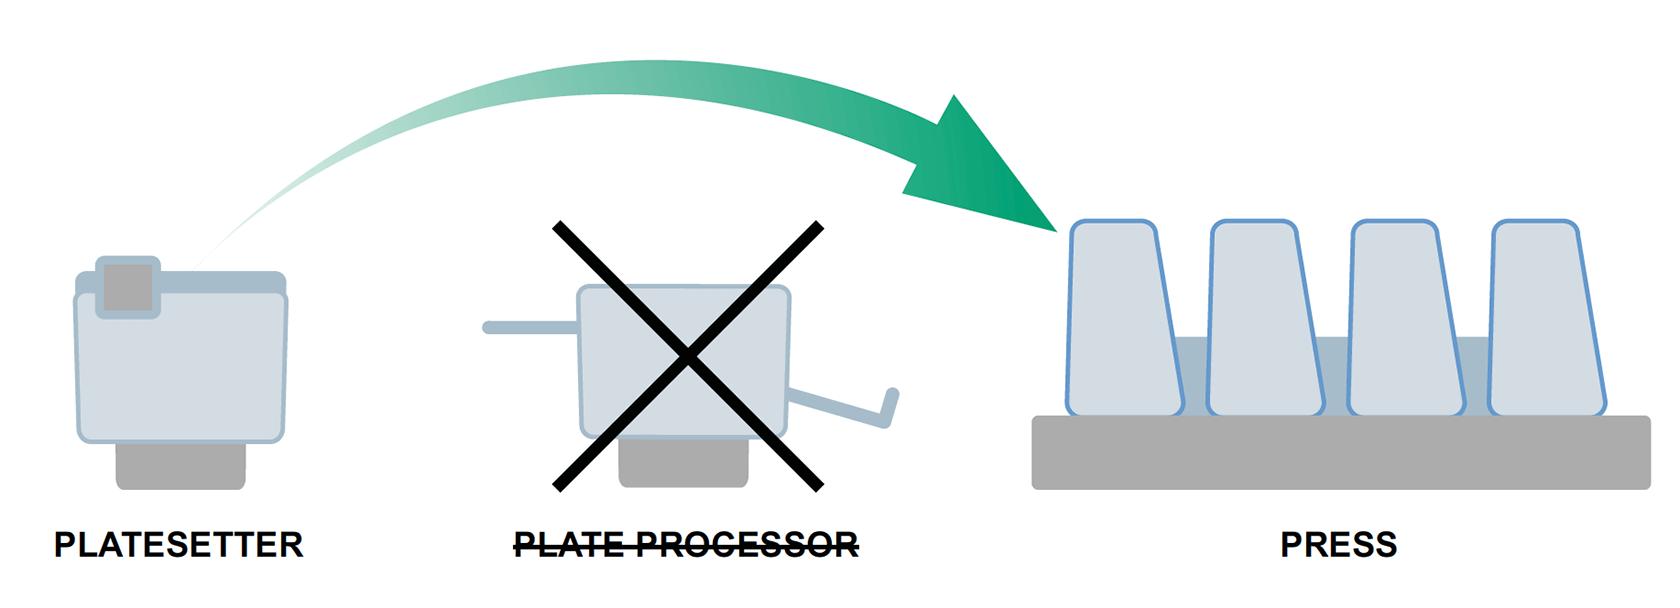 {imagen] Eliminación de la procesadora de láminas y montaje directo de las láminas en prensa desde la grabadora de láminas.